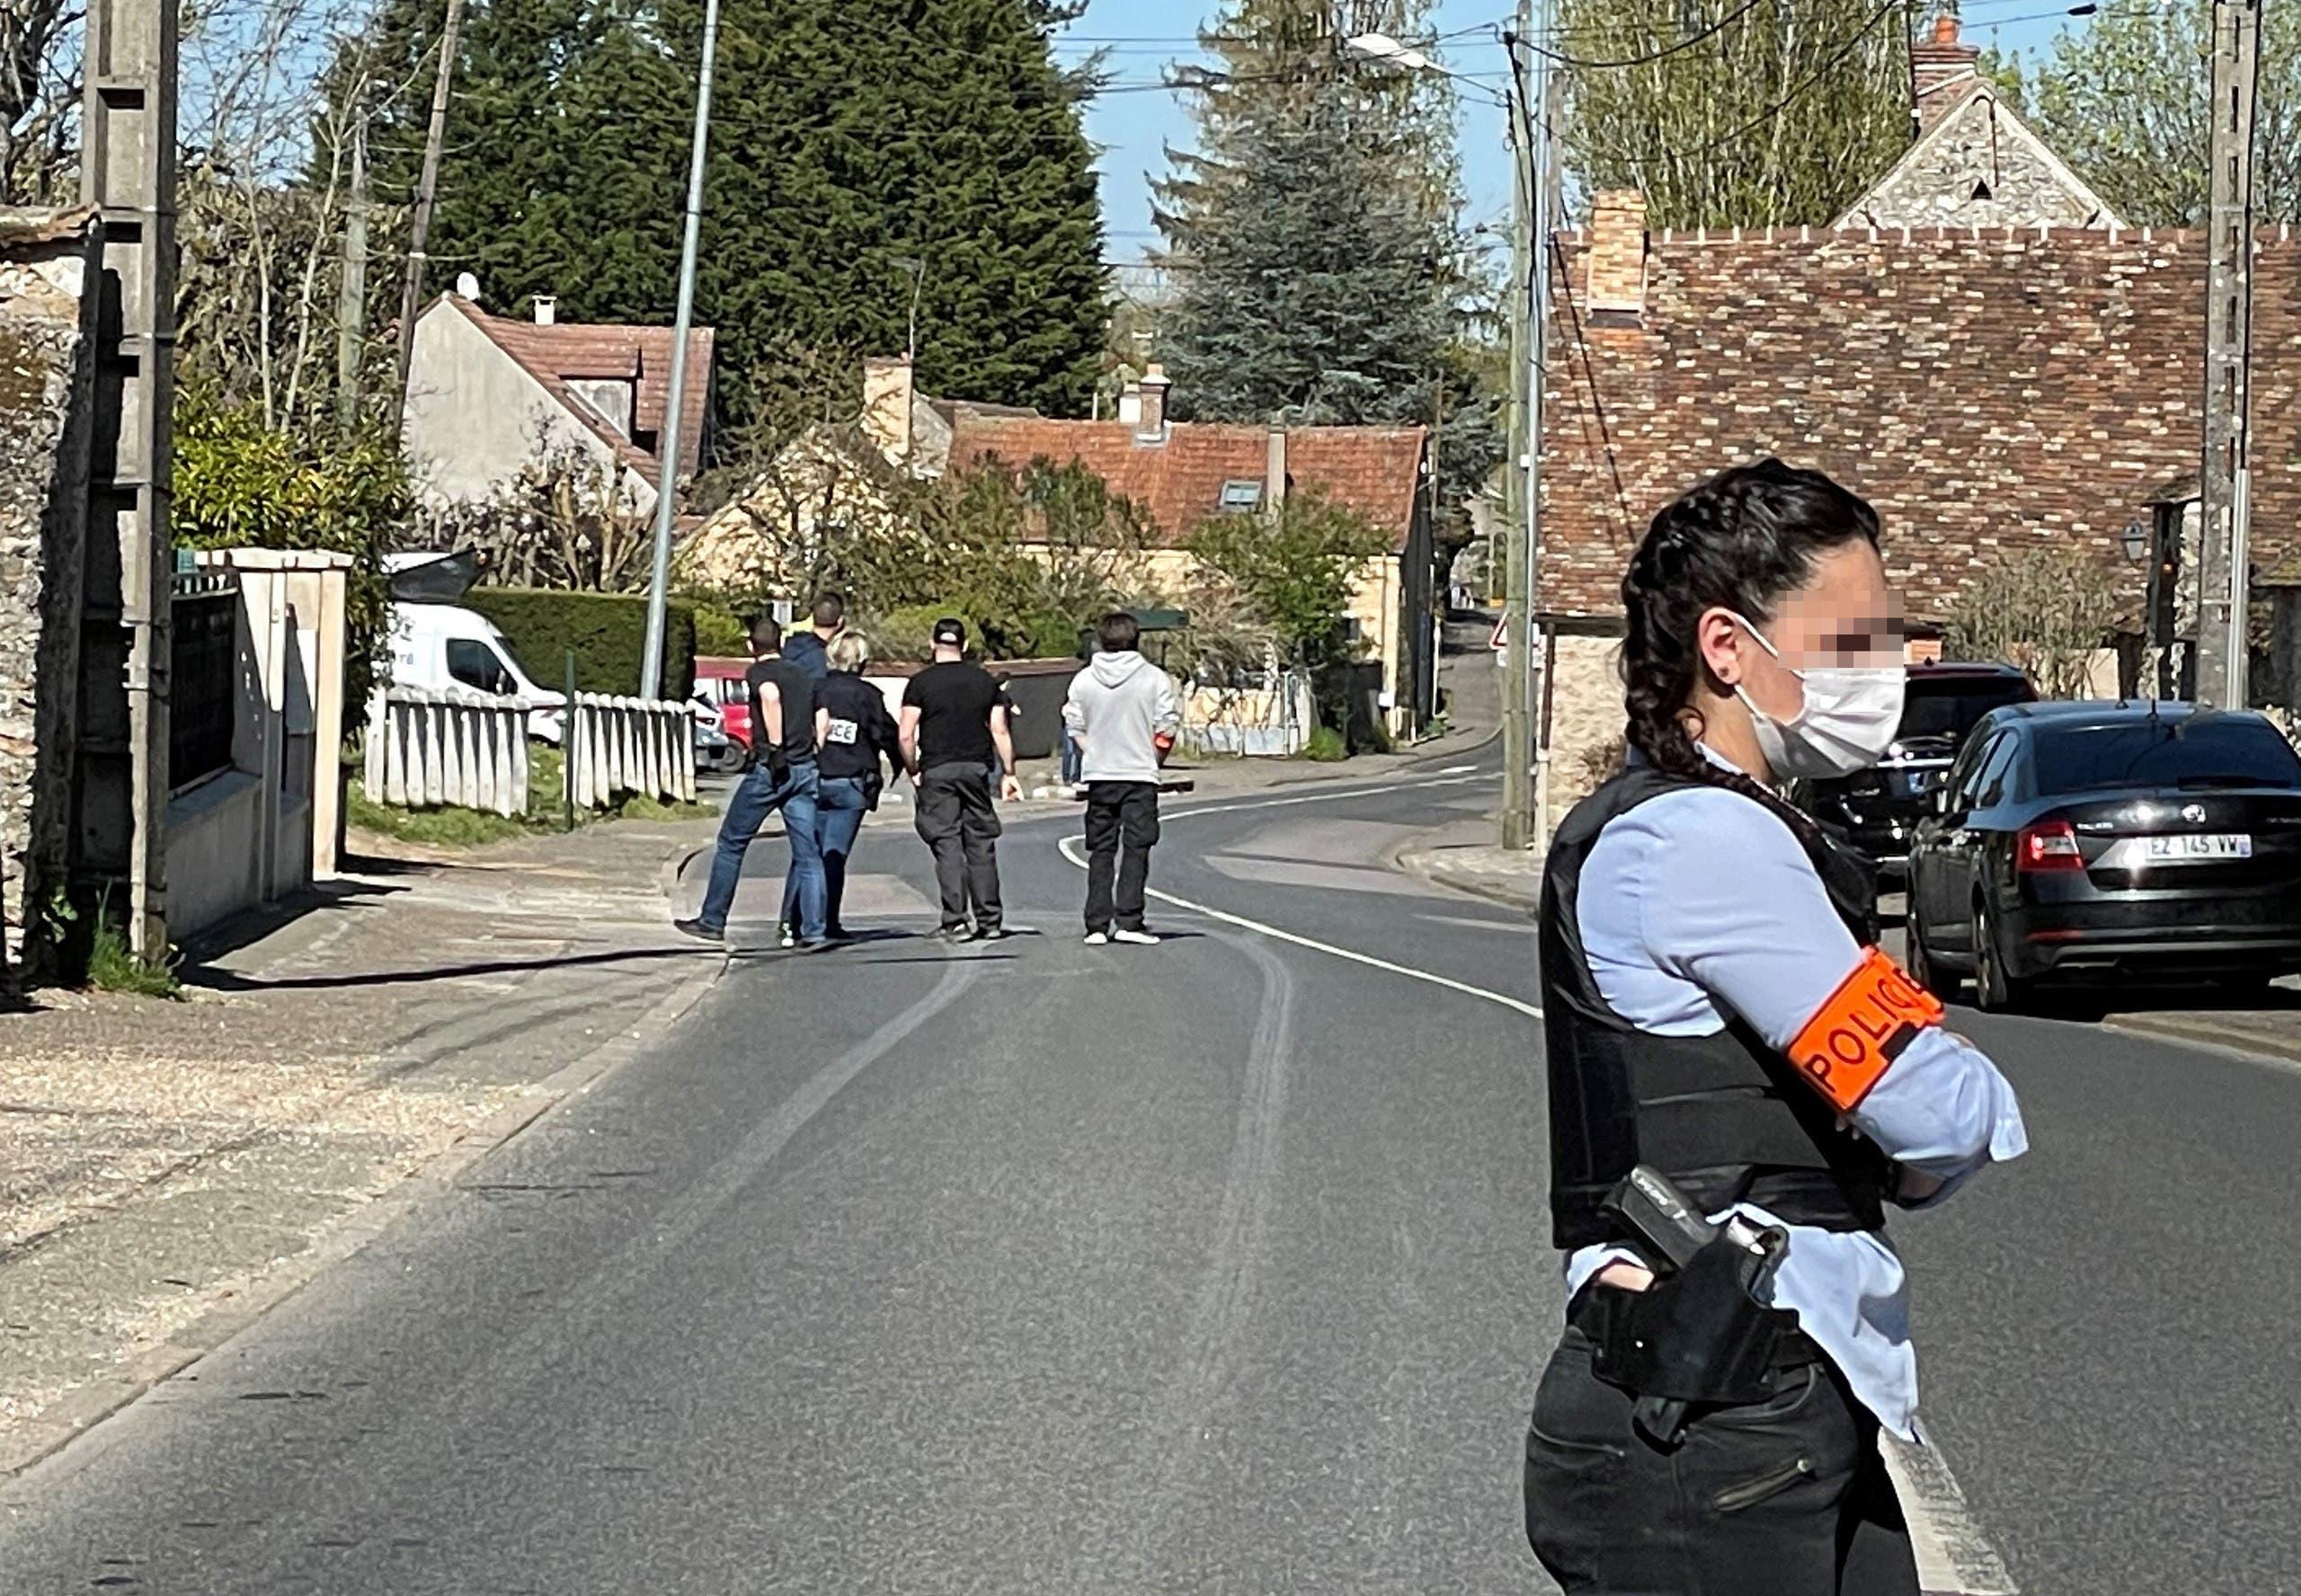 پولیس نے تلاشی  کے لئے قرشان کے گھر کو گھیرے میں لے لیا